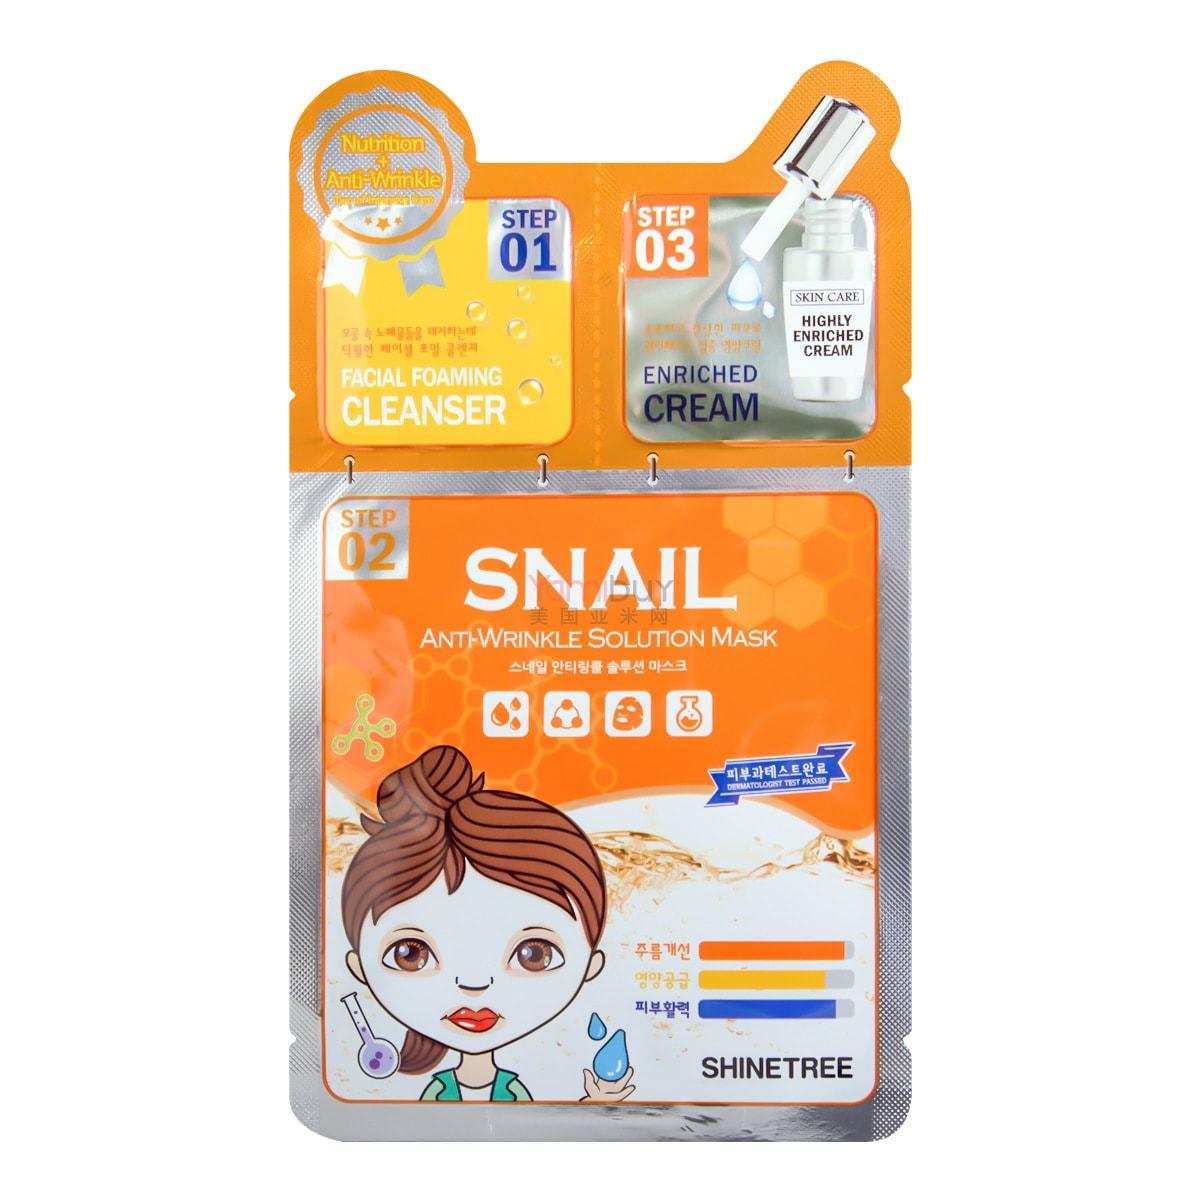 韩国SHINE TREE 三部曲蜗牛抗氧抗皱面膜 单片入